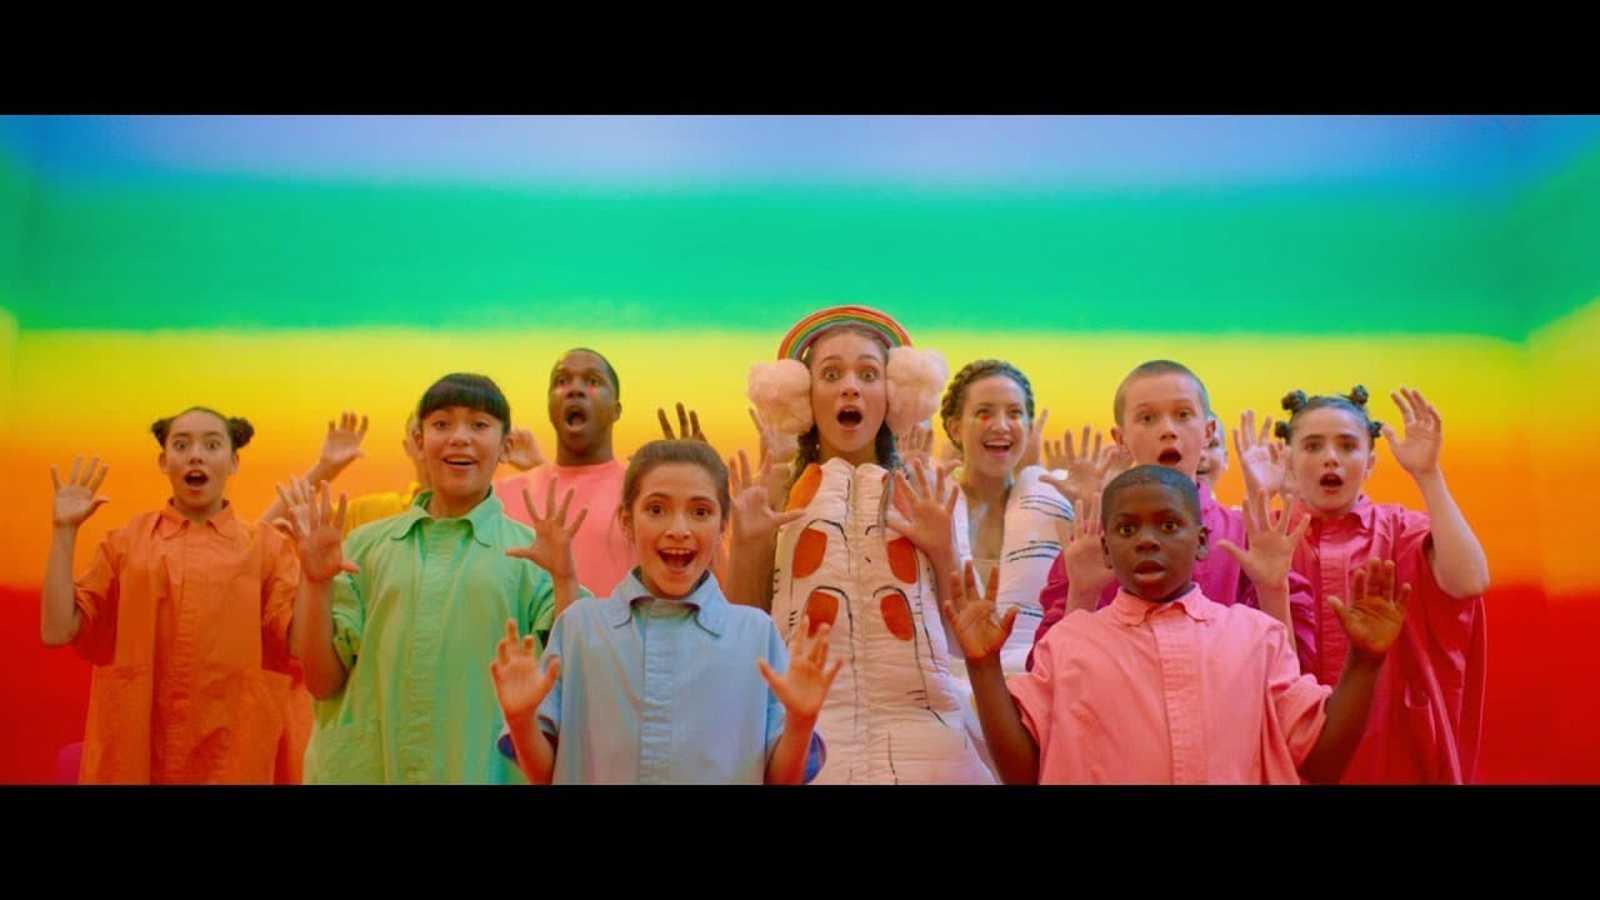 Sia lanza su nueva canción, que formará parte de su próxima película: 'Music'